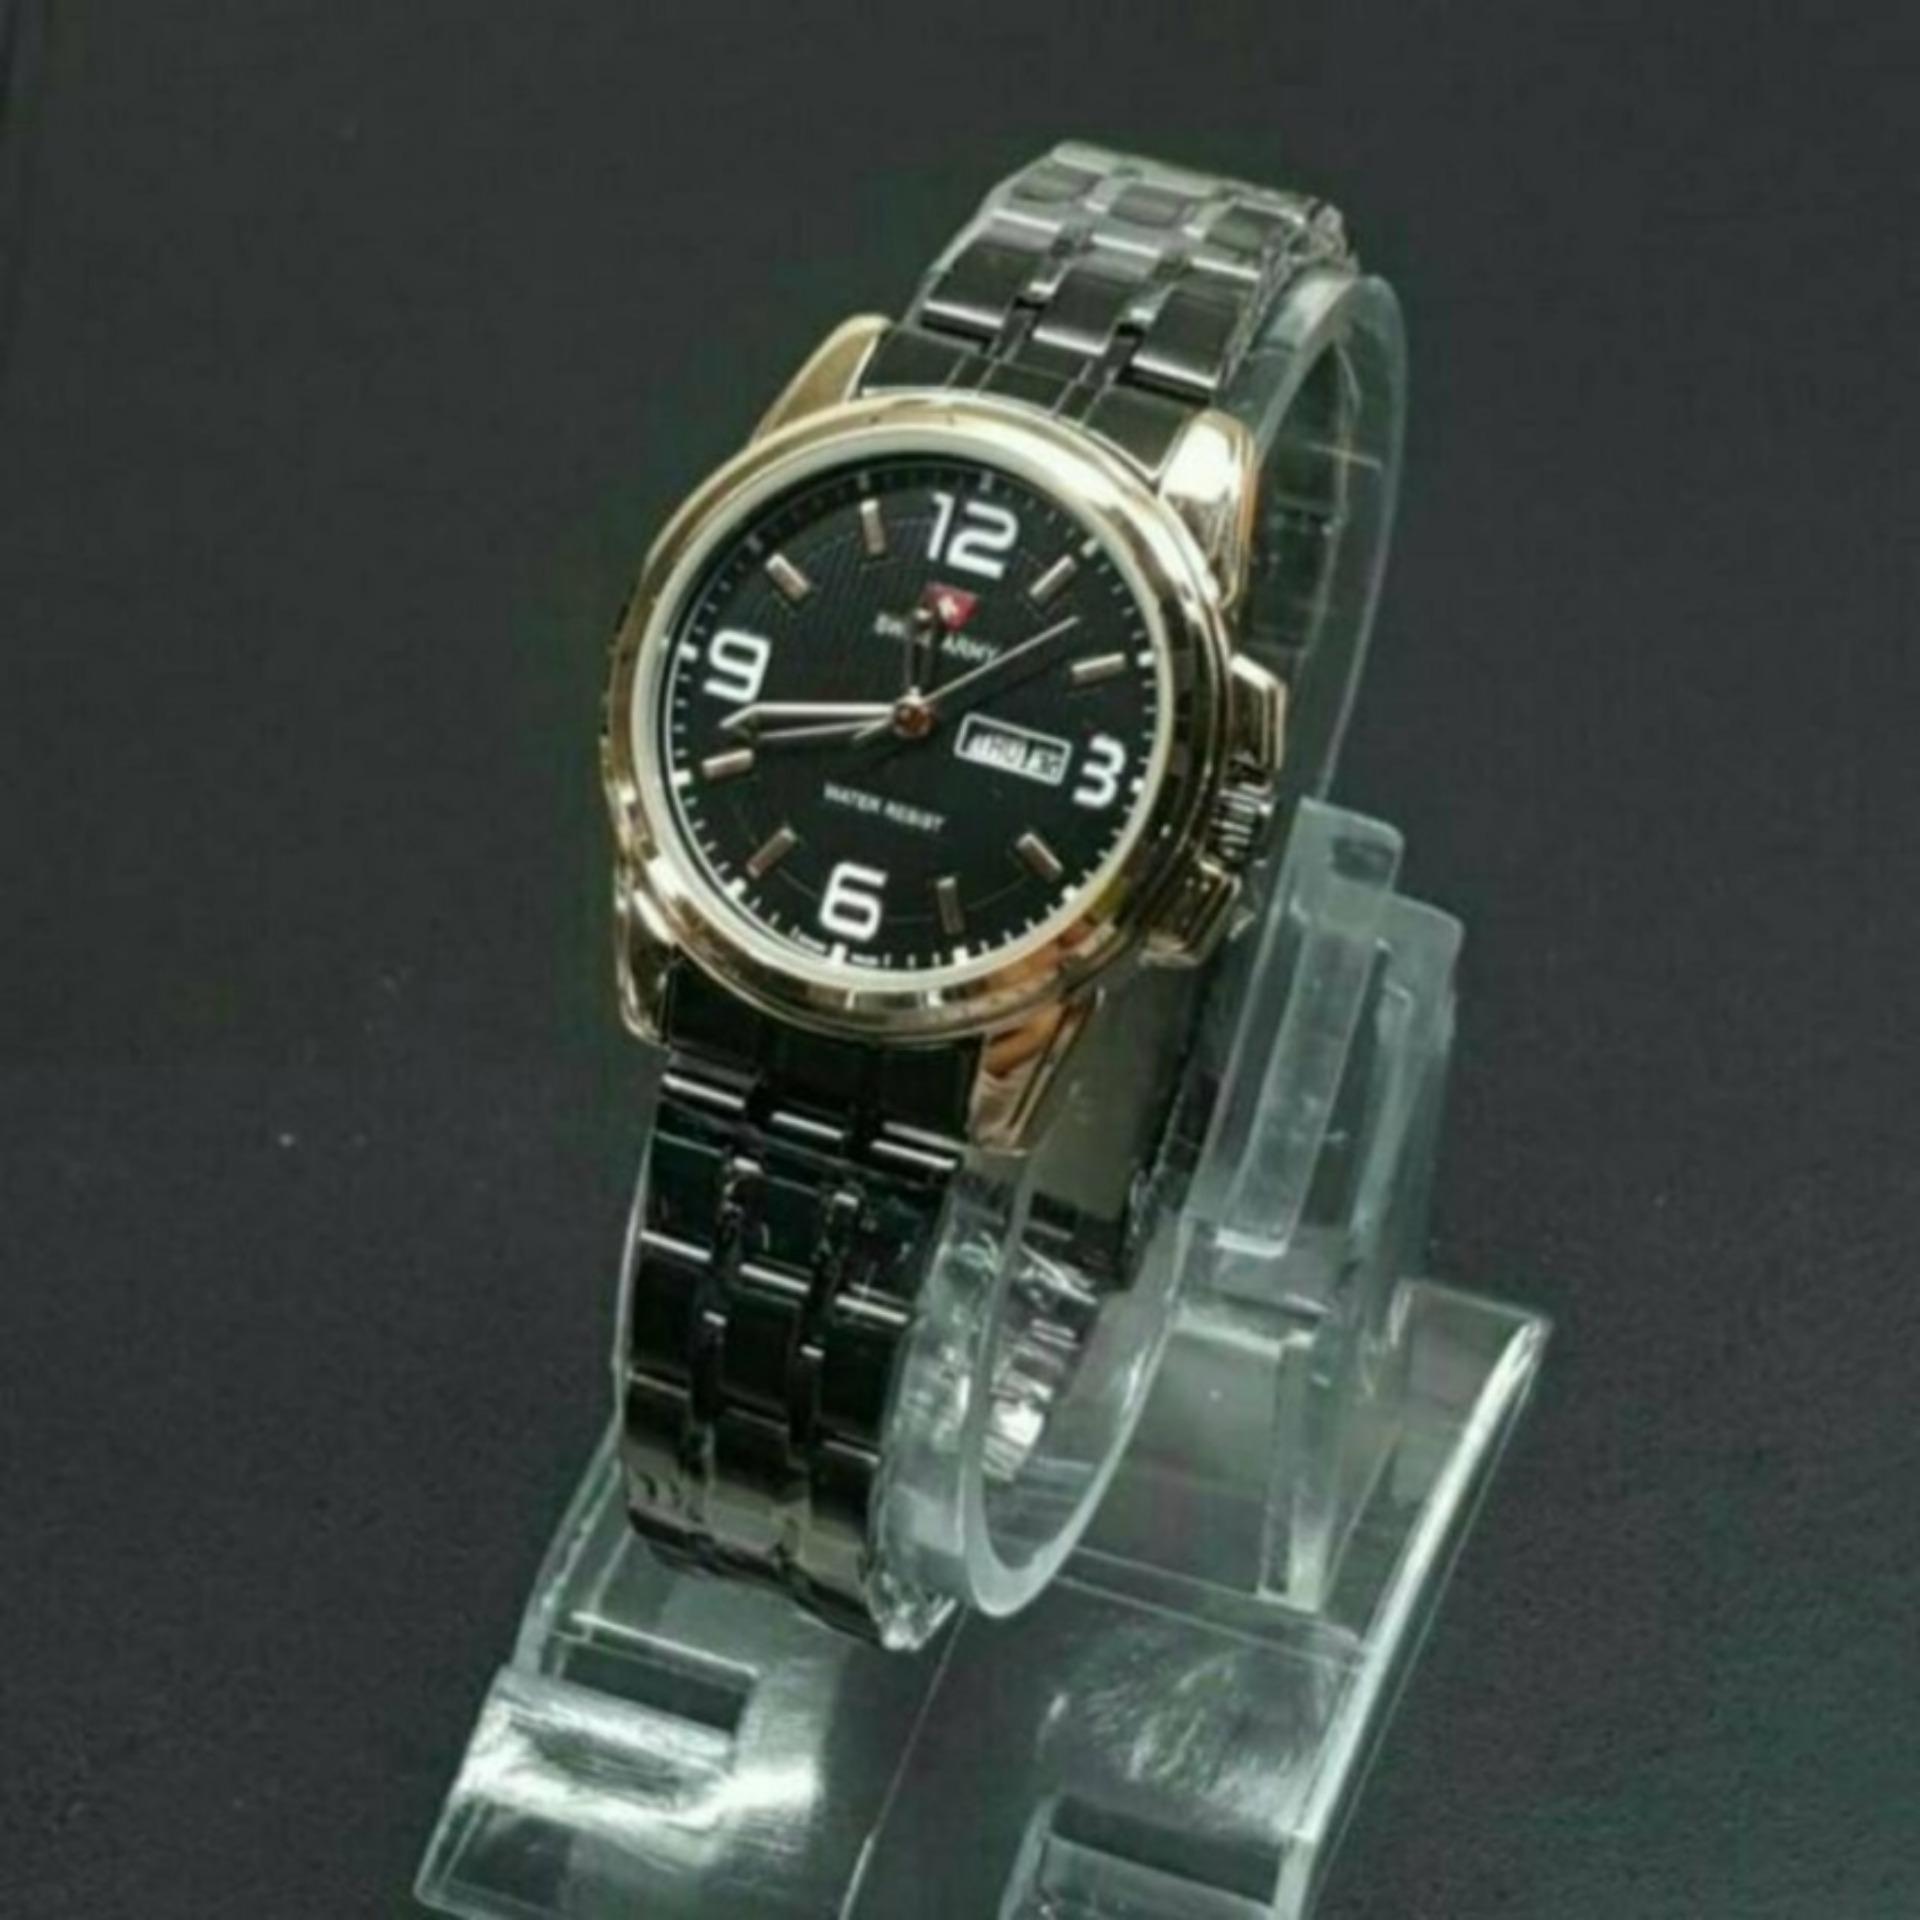 Price Checker Swiss Army - Jam Tangan Wanita - Stainless - SA 13231LBK pencari harga -